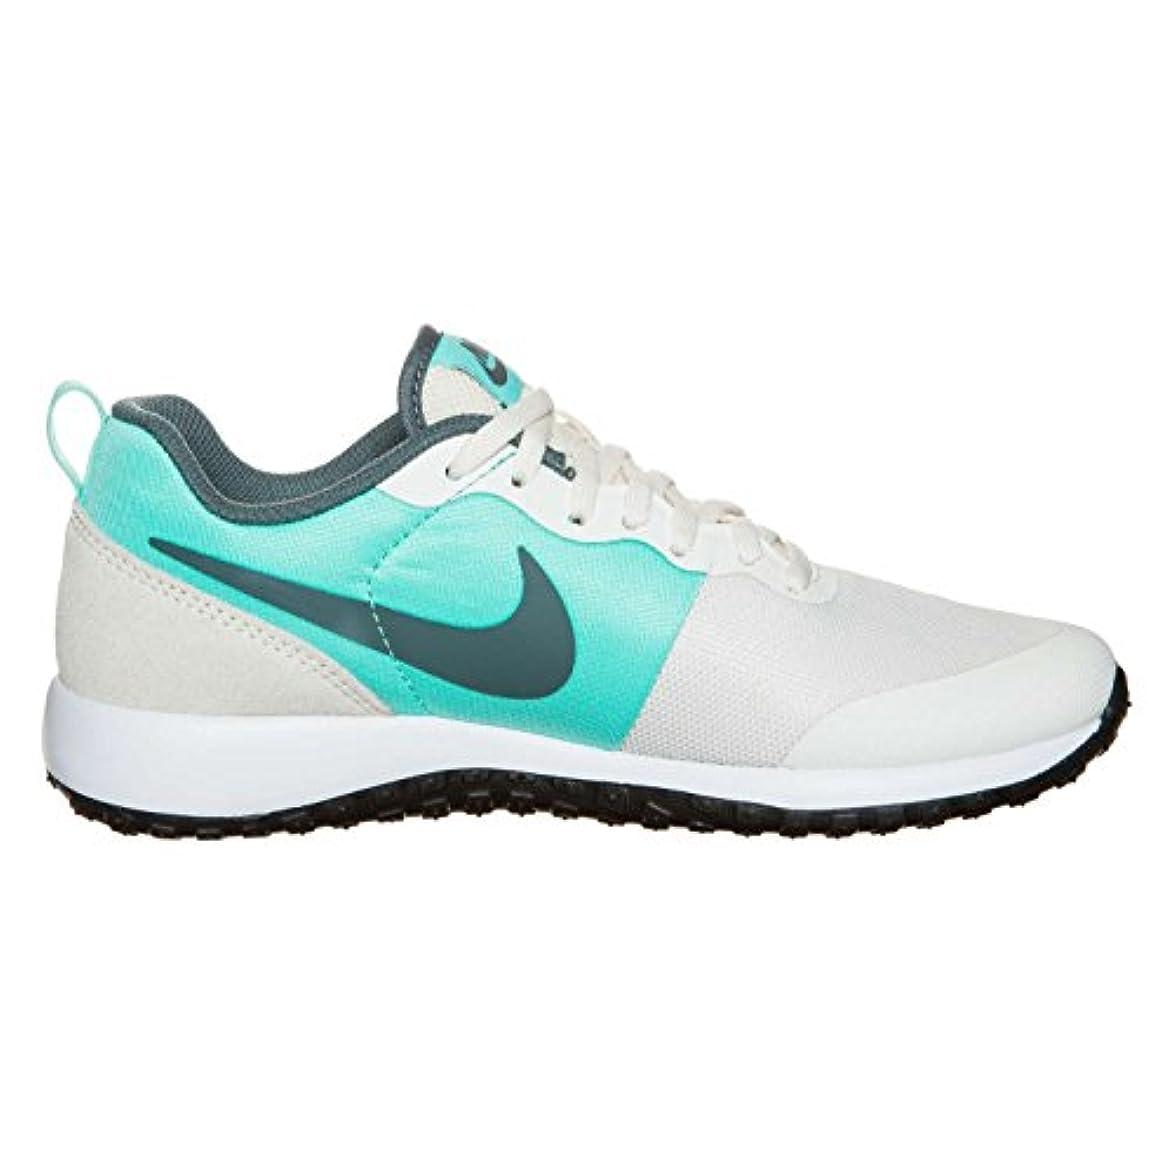 Da Shinsen Donna Fitness Wmns Elite Nike Scarpe